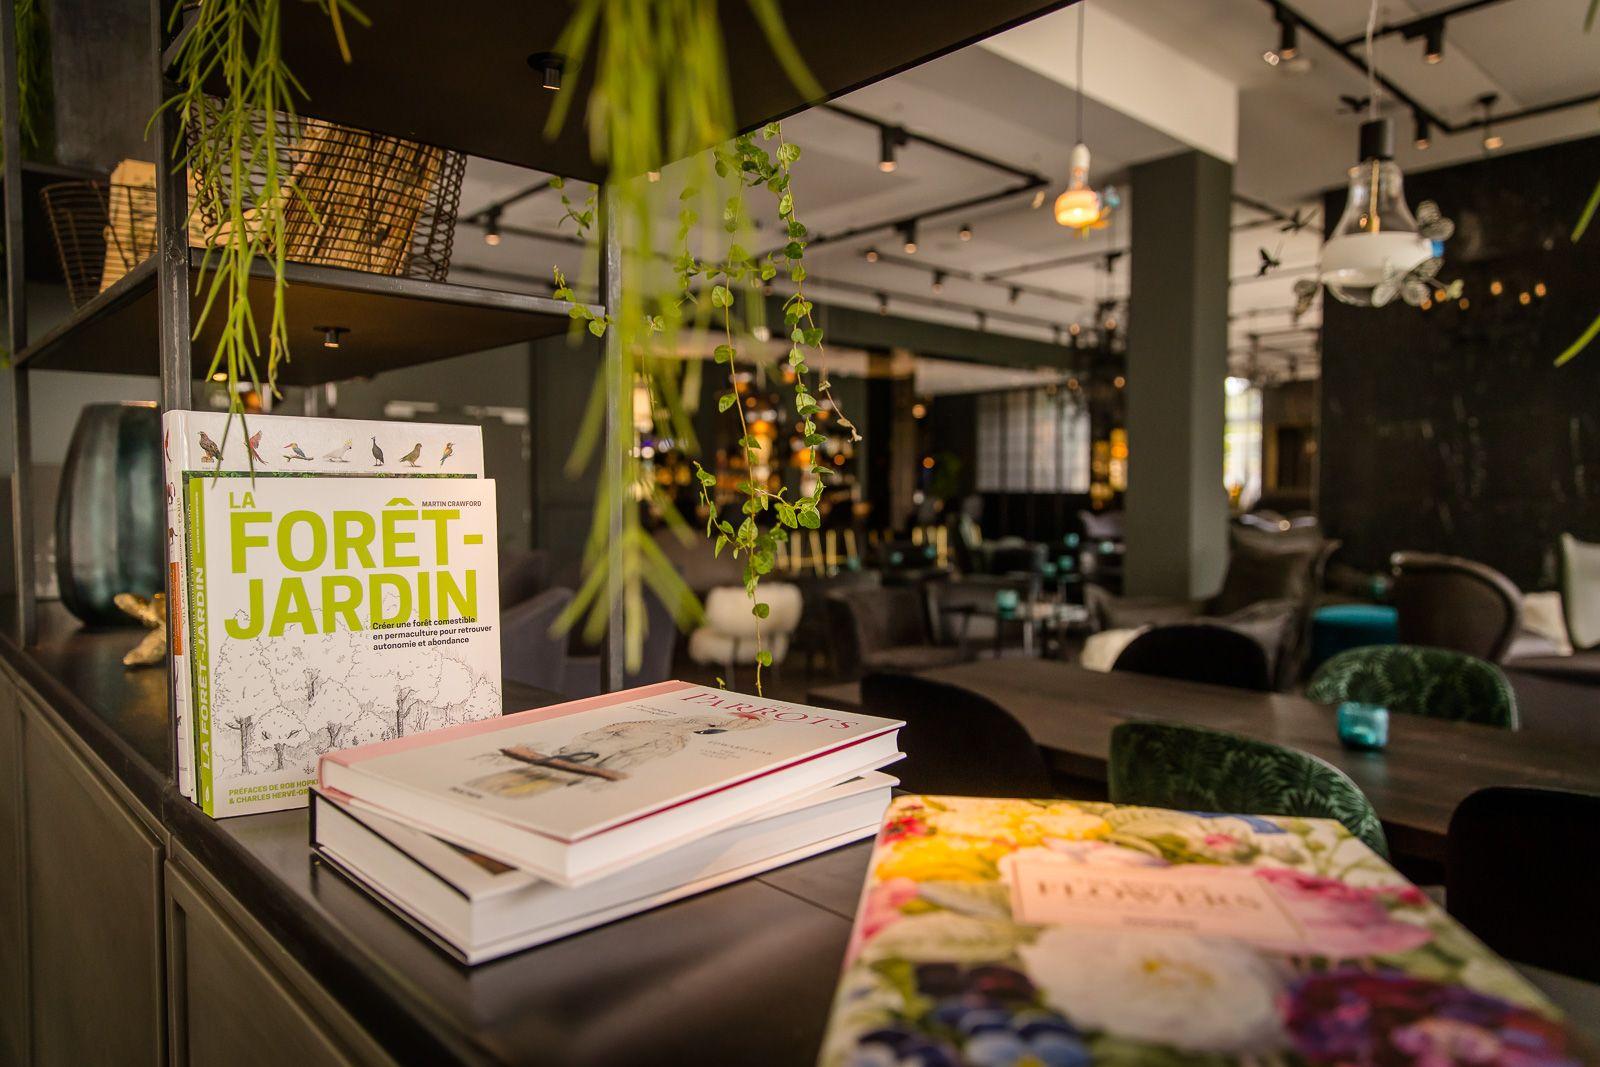 Küchen design hotel hotel paris porte dorée motel one  motel one in paris  pinterest